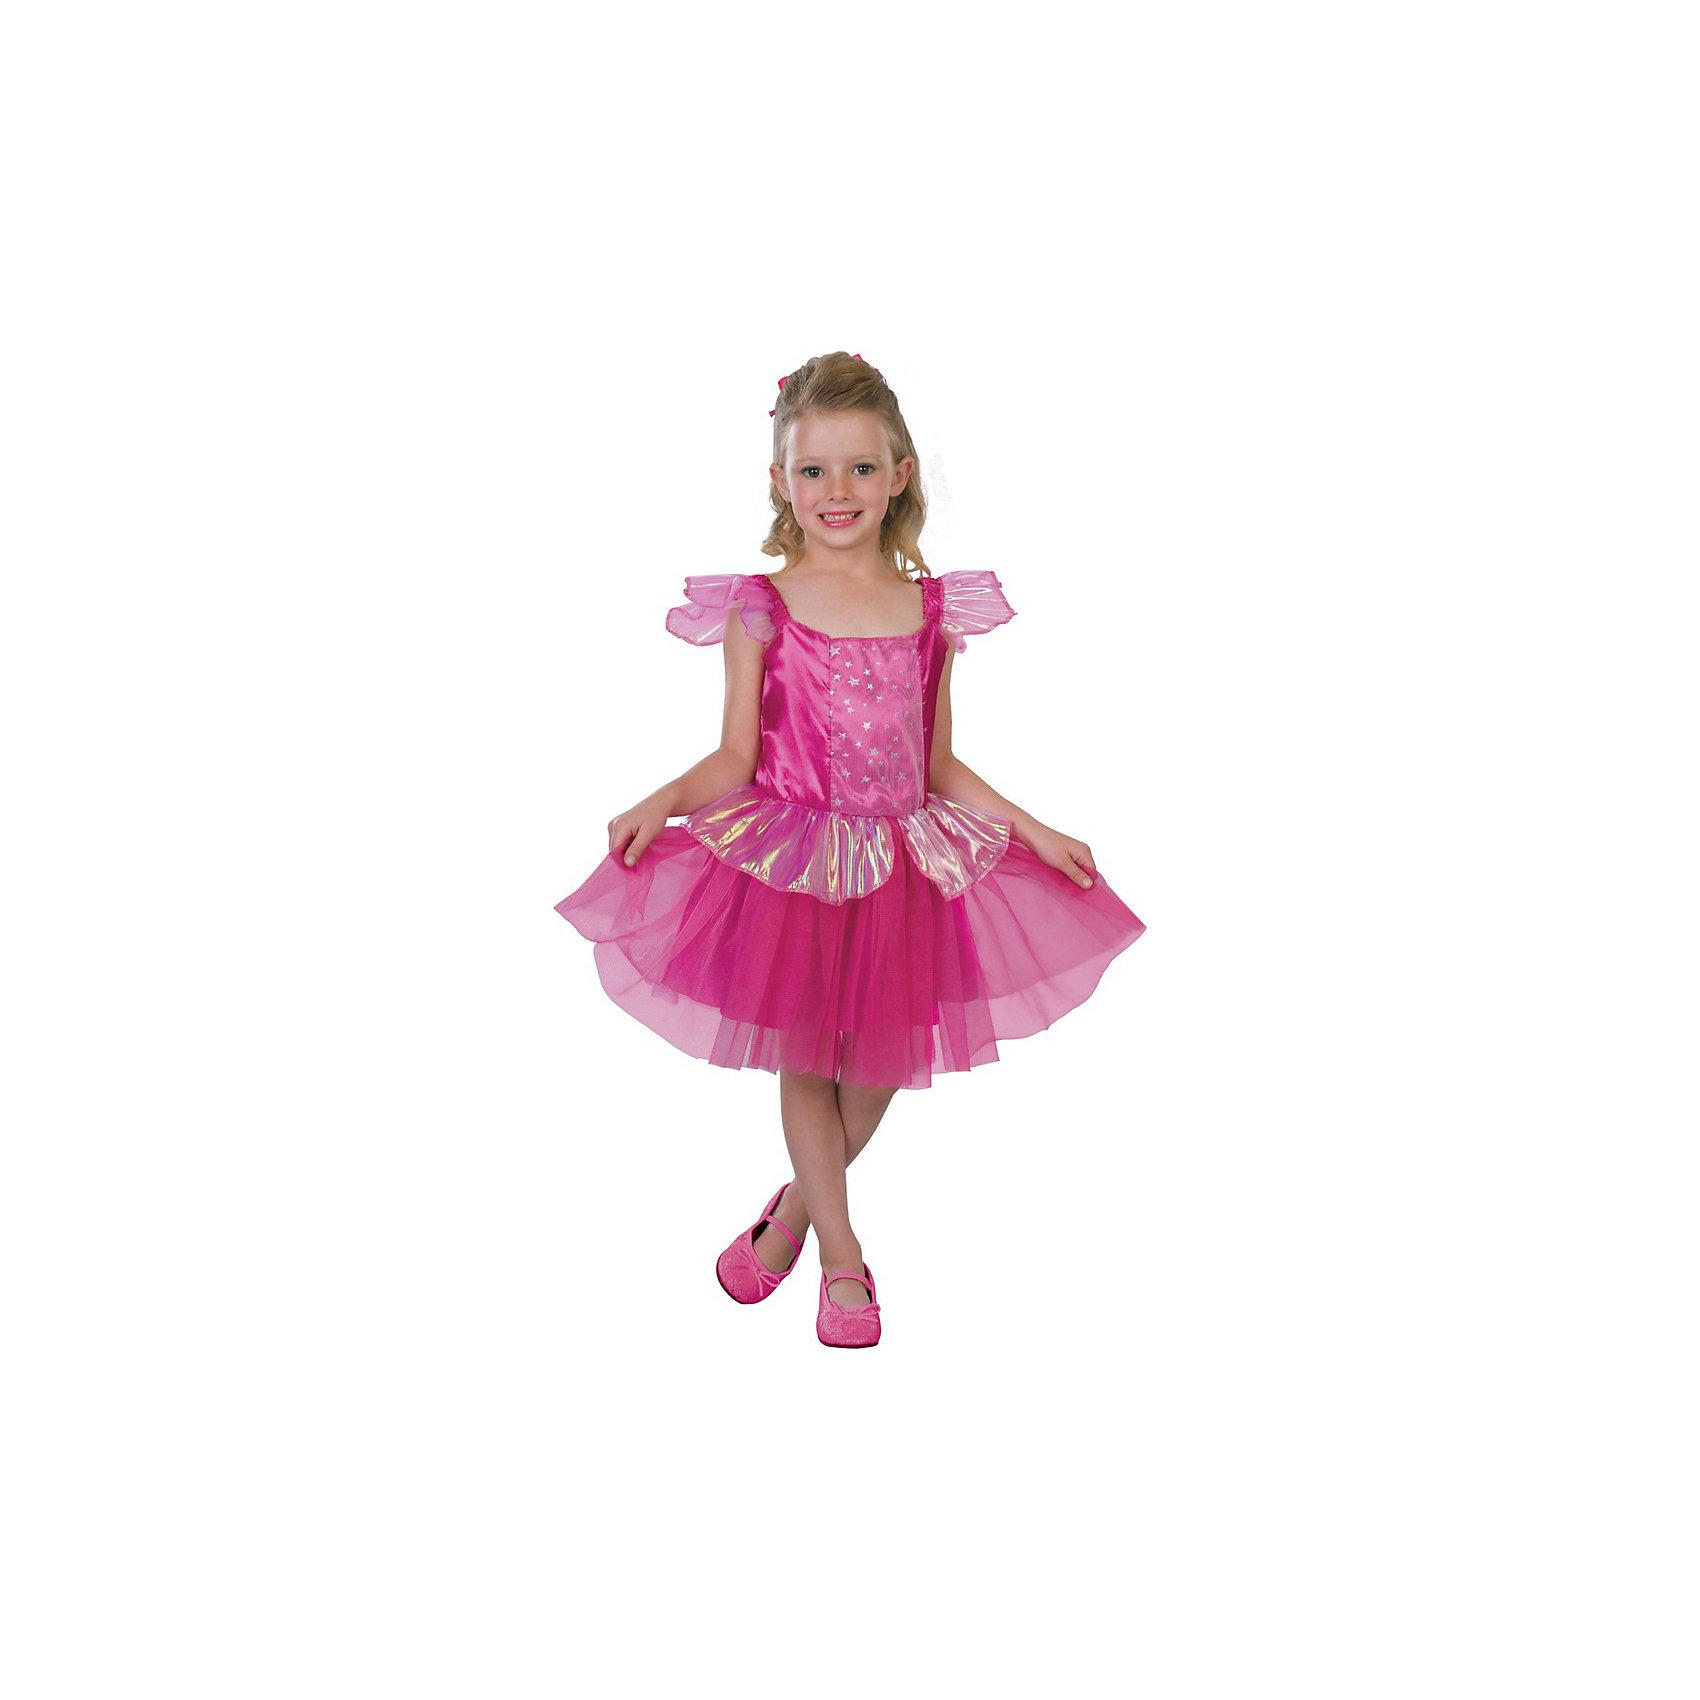 Маскарадный костюм для девочки Добрая фея, 6-8  летКарнавальные костюмы и аксессуары<br>Маскарадный костюм для девочки Добрая фея, 6-8  лет – это возможность превратить праздник в необычное, яркое шоу.<br>Очаровательное карнавальное платье для девочки «Добрая фея» позволит вашей малышке быть яркой героиней на детском утреннике, маскараде или карнавале. Платье с короткими рукавами-крылышками выполнено из атласного материала и прозрачной органзы с красивыми переливами. Верхняя часть платья оформлено вставкой из микросетки, украшенной звездочками. Пышная юбочка дополнена сверху слоем из микросетки, а также оборкой из прозрачной органзы. Платье подчеркнет индивидуальность вашей девочки. Веселое настроение и масса положительных эмоций будут обеспечены!<br><br>Дополнительная информация:<br><br>- Комплектация: платье<br>- Возраста: от 6 до 8 лет<br>- Рост: 125 см.<br>- Обхват груди: 65 см.<br>- Обхват талии: 57 см.<br>- Длина по спинке: 65 см.<br>- Цвет: розовый<br>- Материал: полиэстер, синтетический атлас<br><br>Маскарадный костюм для девочки Добрая фея, 6-8  лет можно купить в нашем интернет-магазине.<br><br>Ширина мм: 400<br>Глубина мм: 500<br>Высота мм: 50<br>Вес г: 650<br>Возраст от месяцев: 72<br>Возраст до месяцев: 96<br>Пол: Женский<br>Возраст: Детский<br>SKU: 4280646